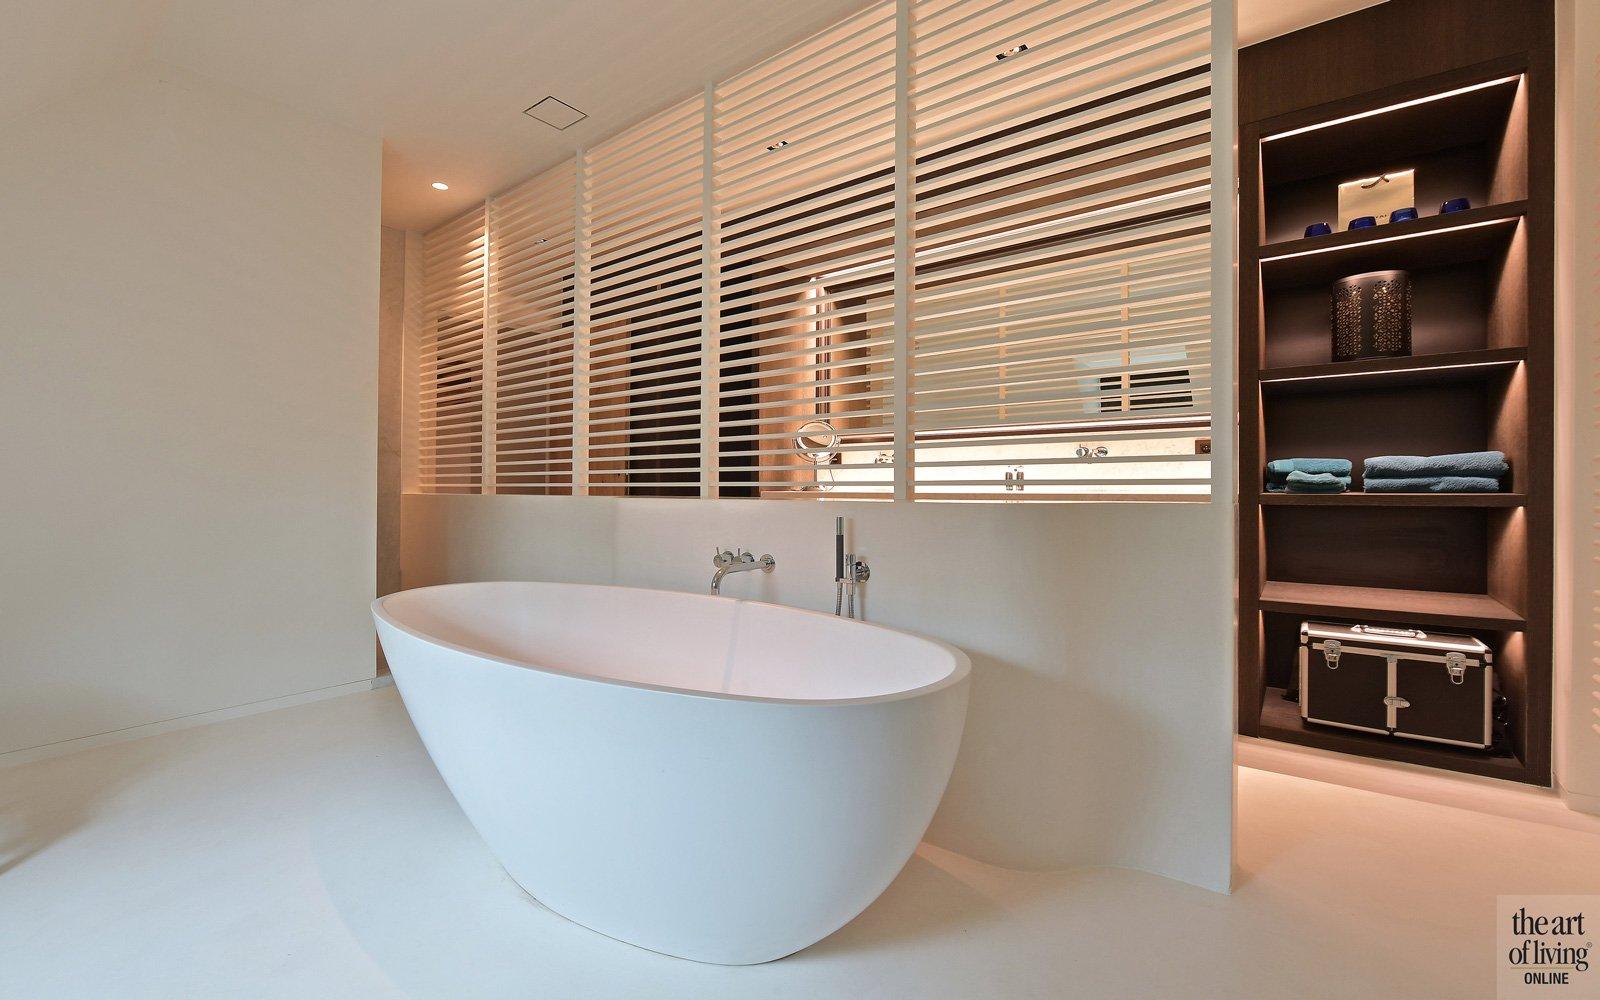 Badkamer, vrijstaand bad, shutters, bad, sanitair, klassiek modern, Jurgen Weyne